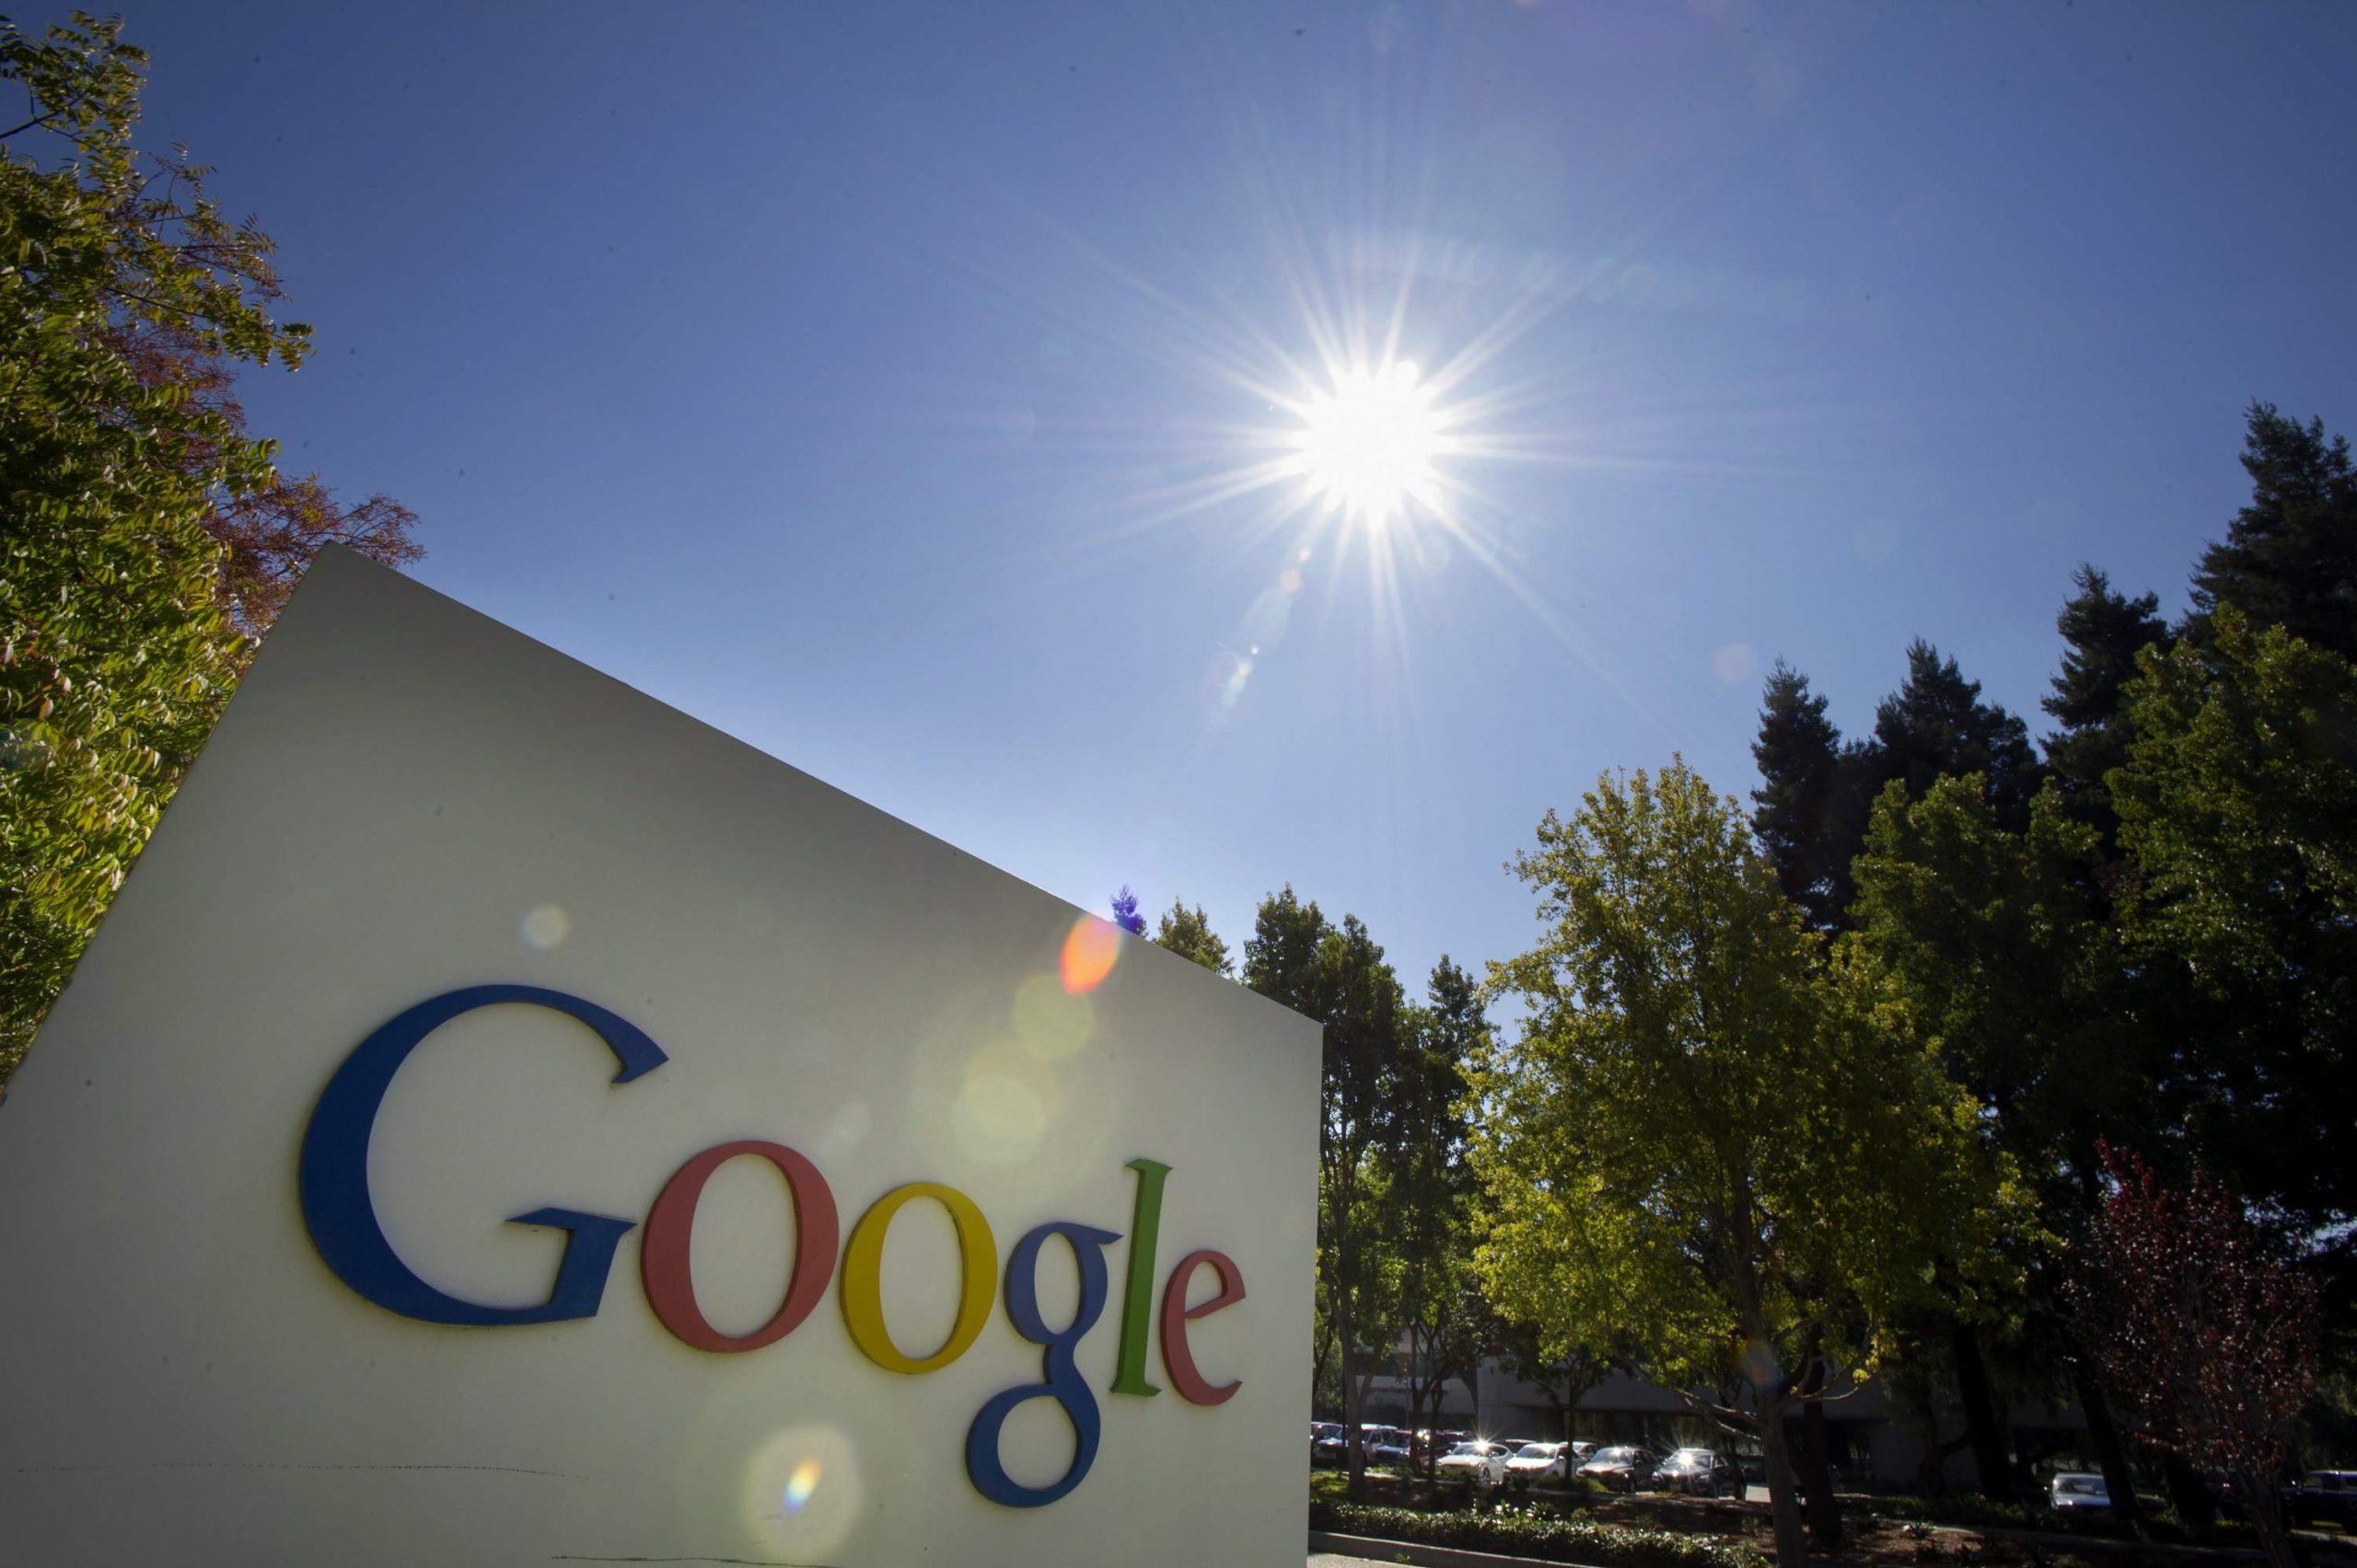 تصویر ممانعت گوگل از نشر تبلیغات تروریستی در آن